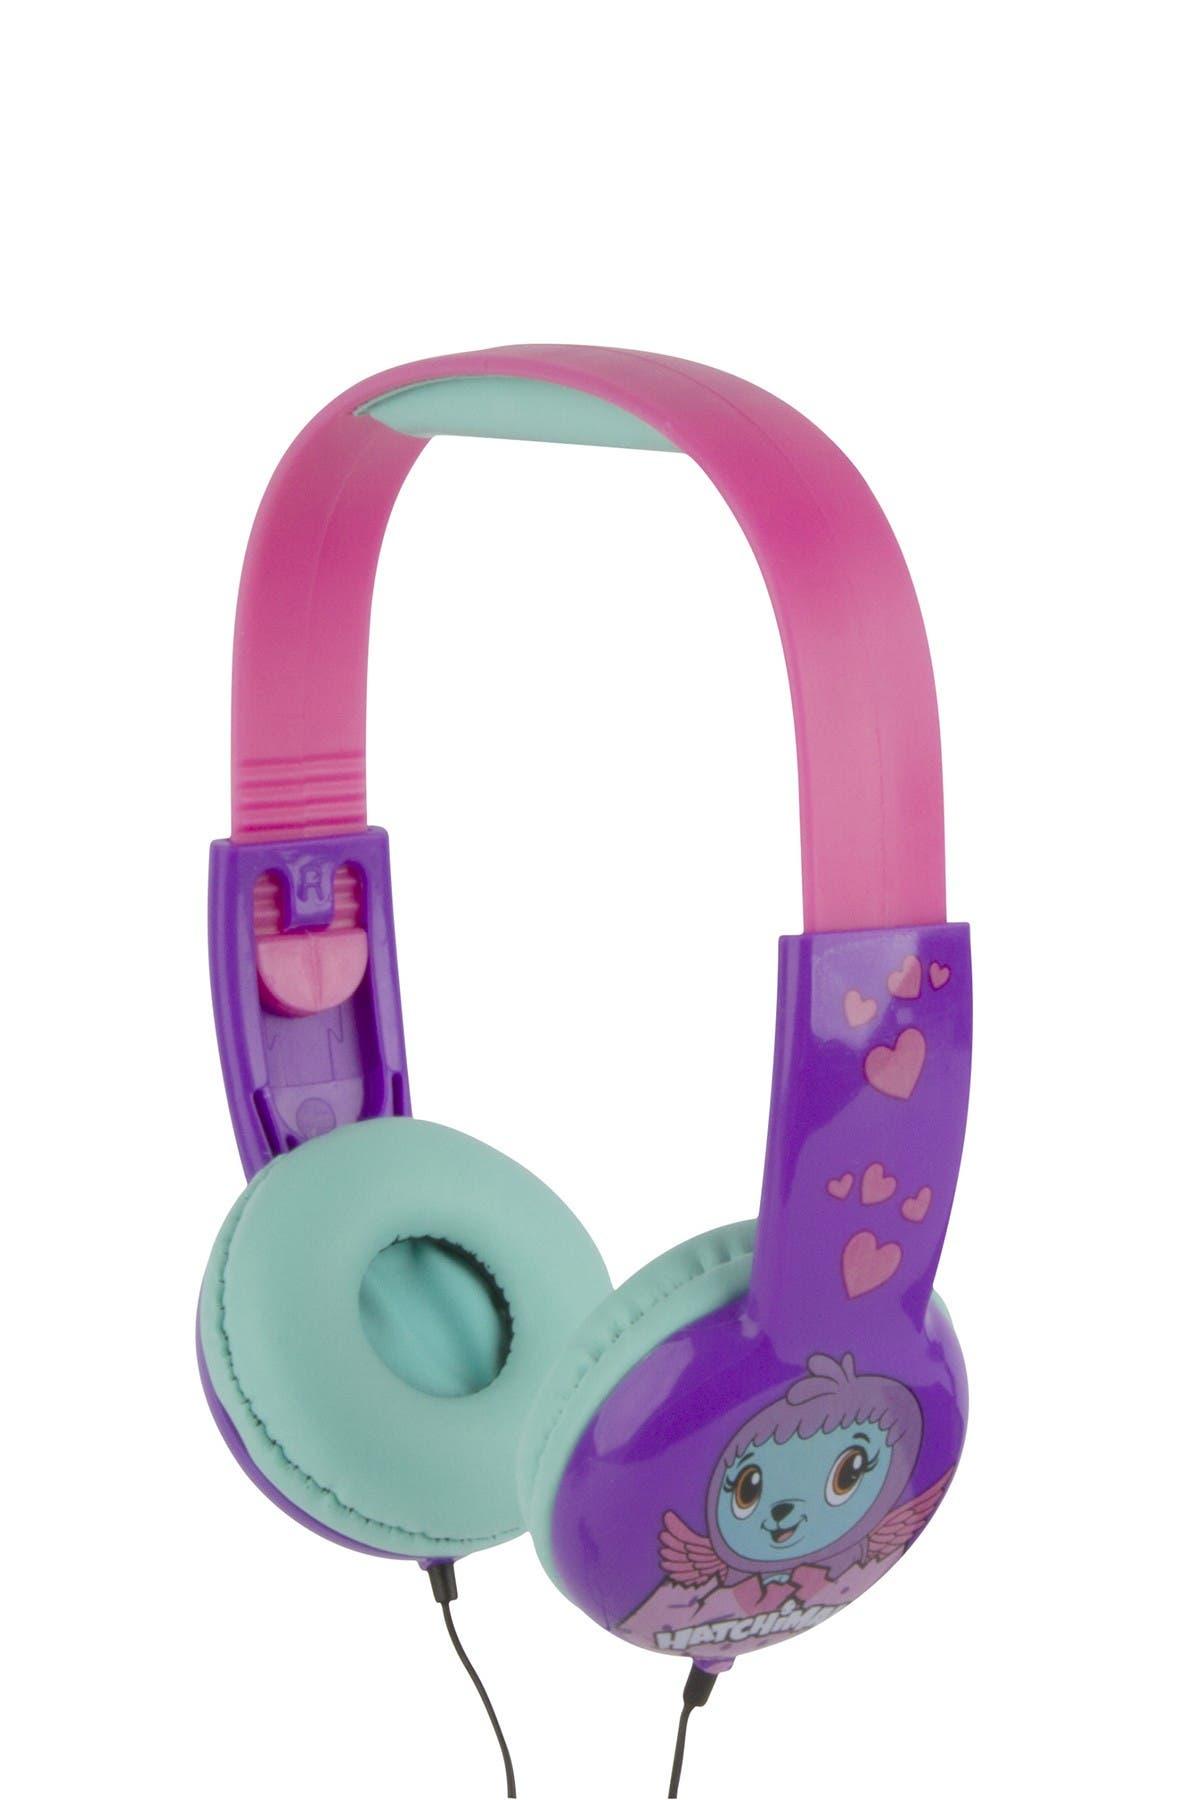 Image of VIVITAR Hatchimals Kids Safe Headphones